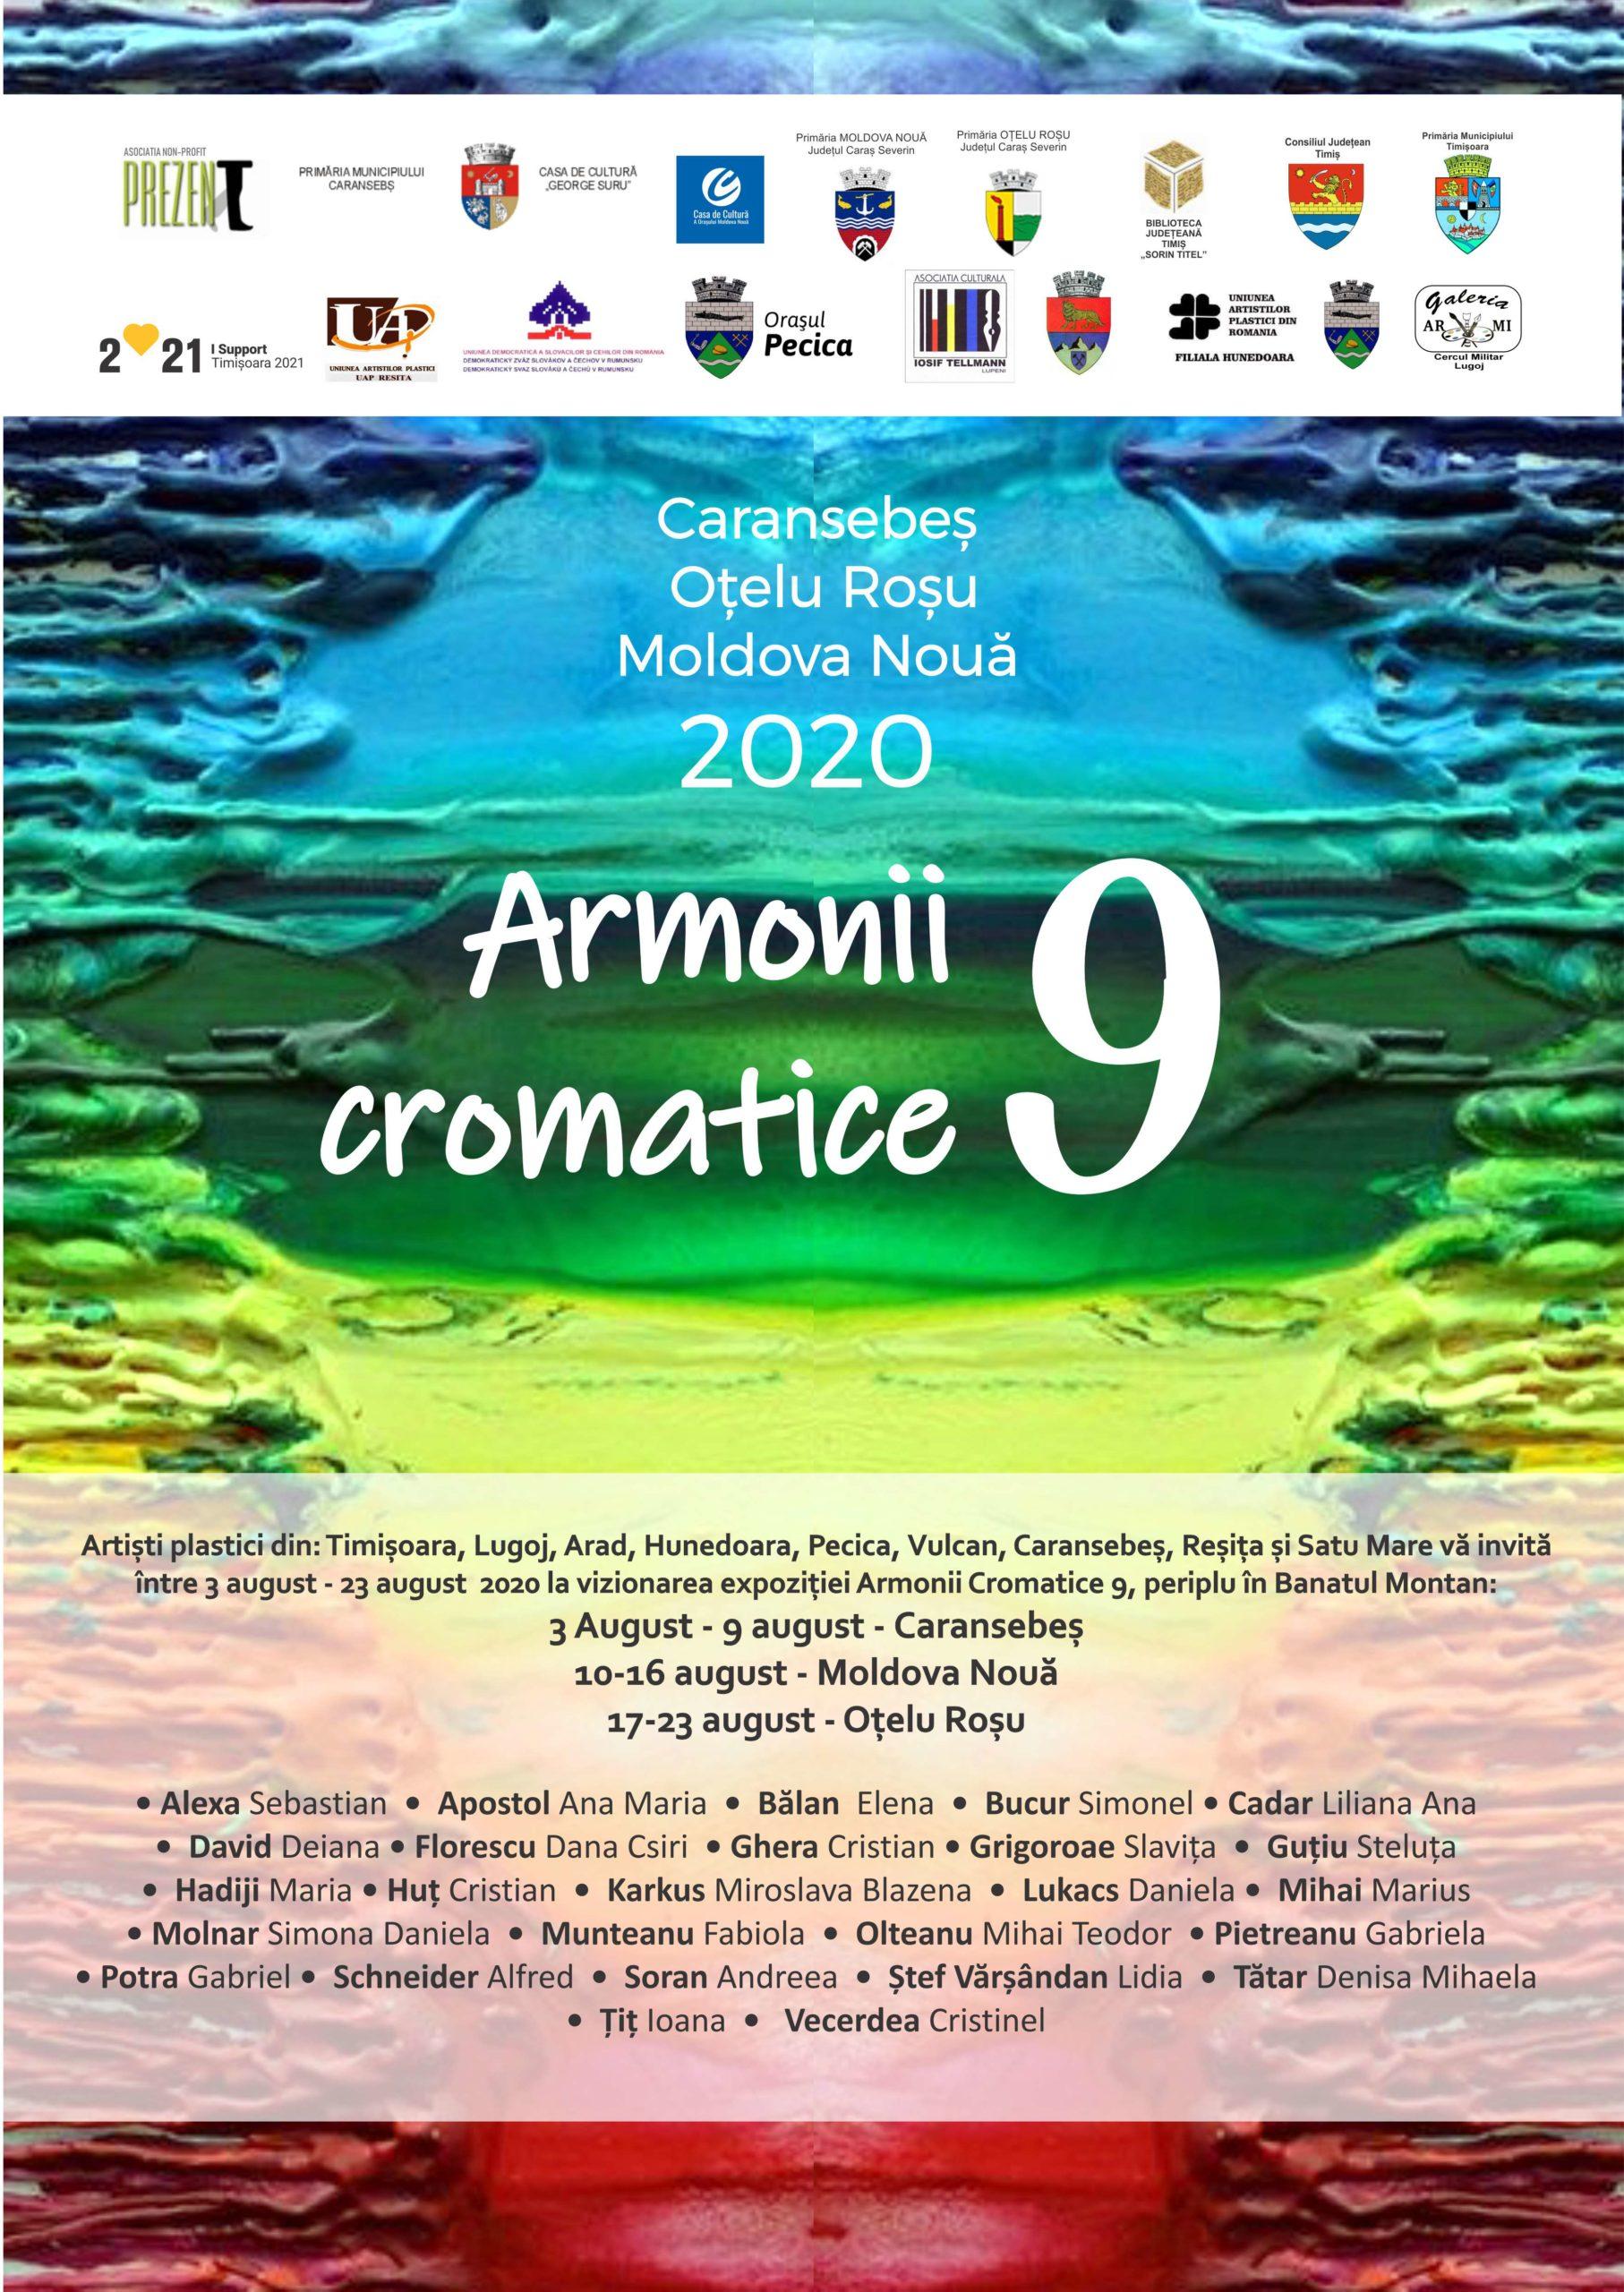 armonii cromatice la caransebes